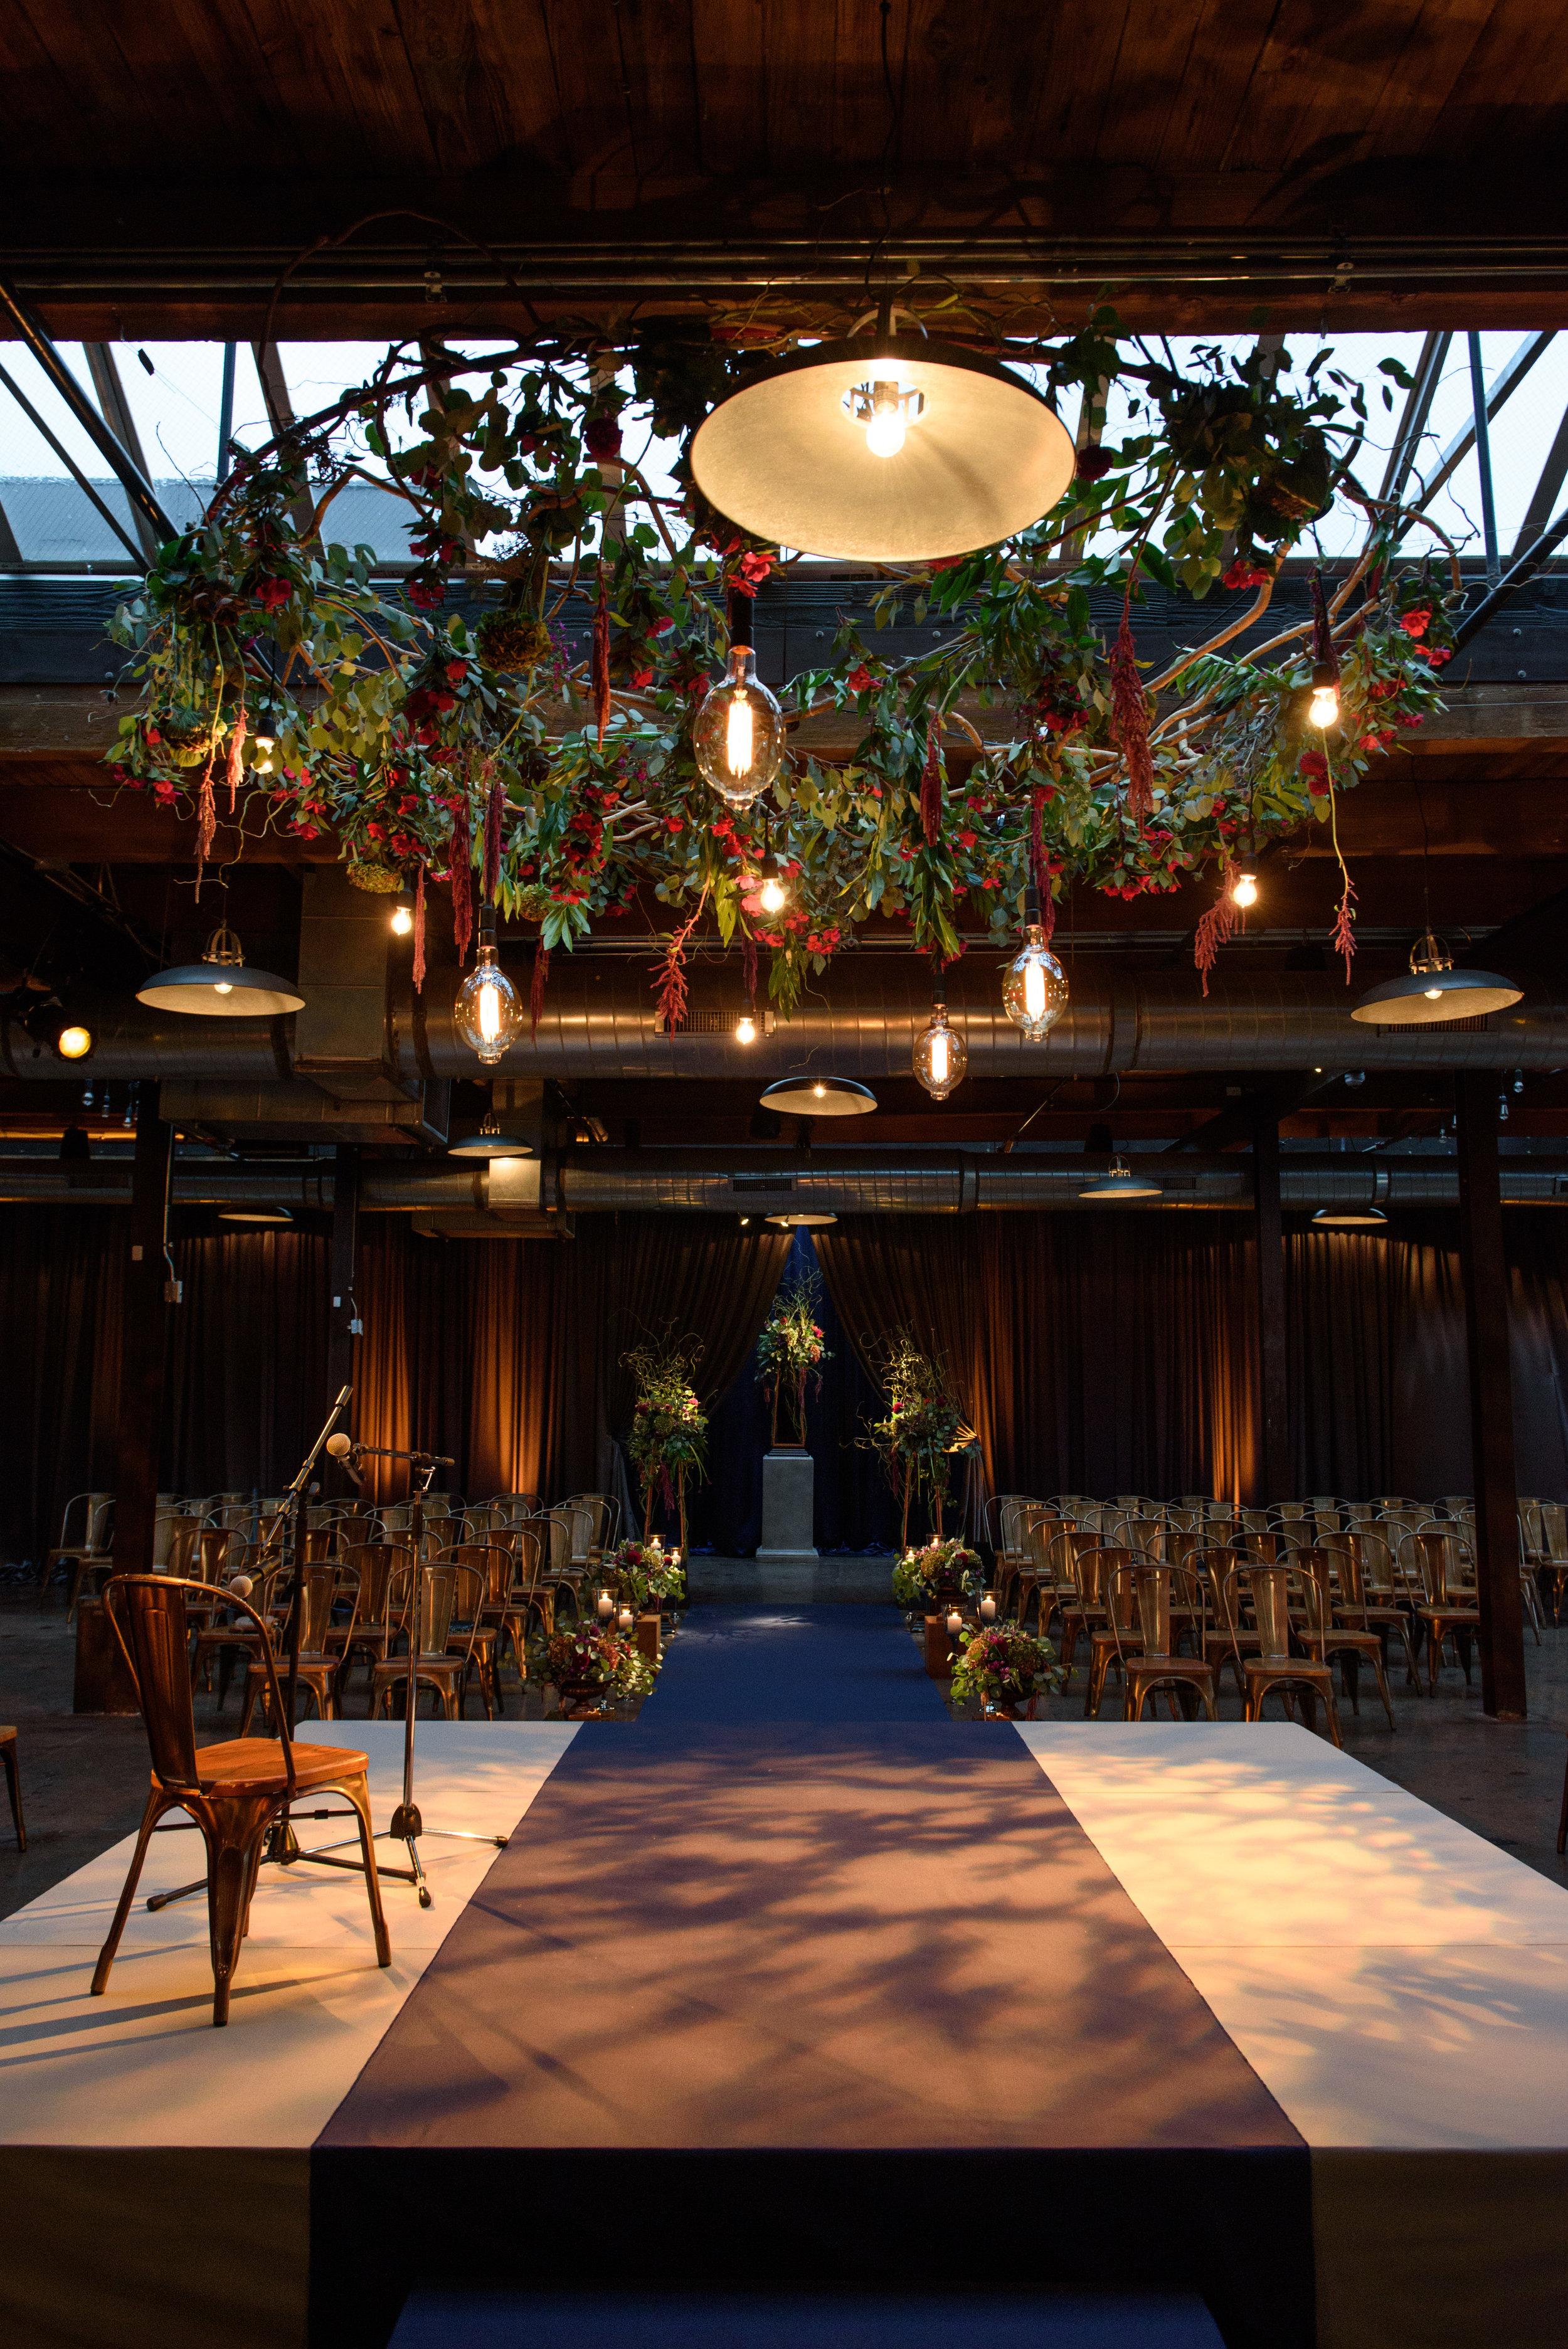 Jason-Chase-wedding-nakai-photography-0401.JPG